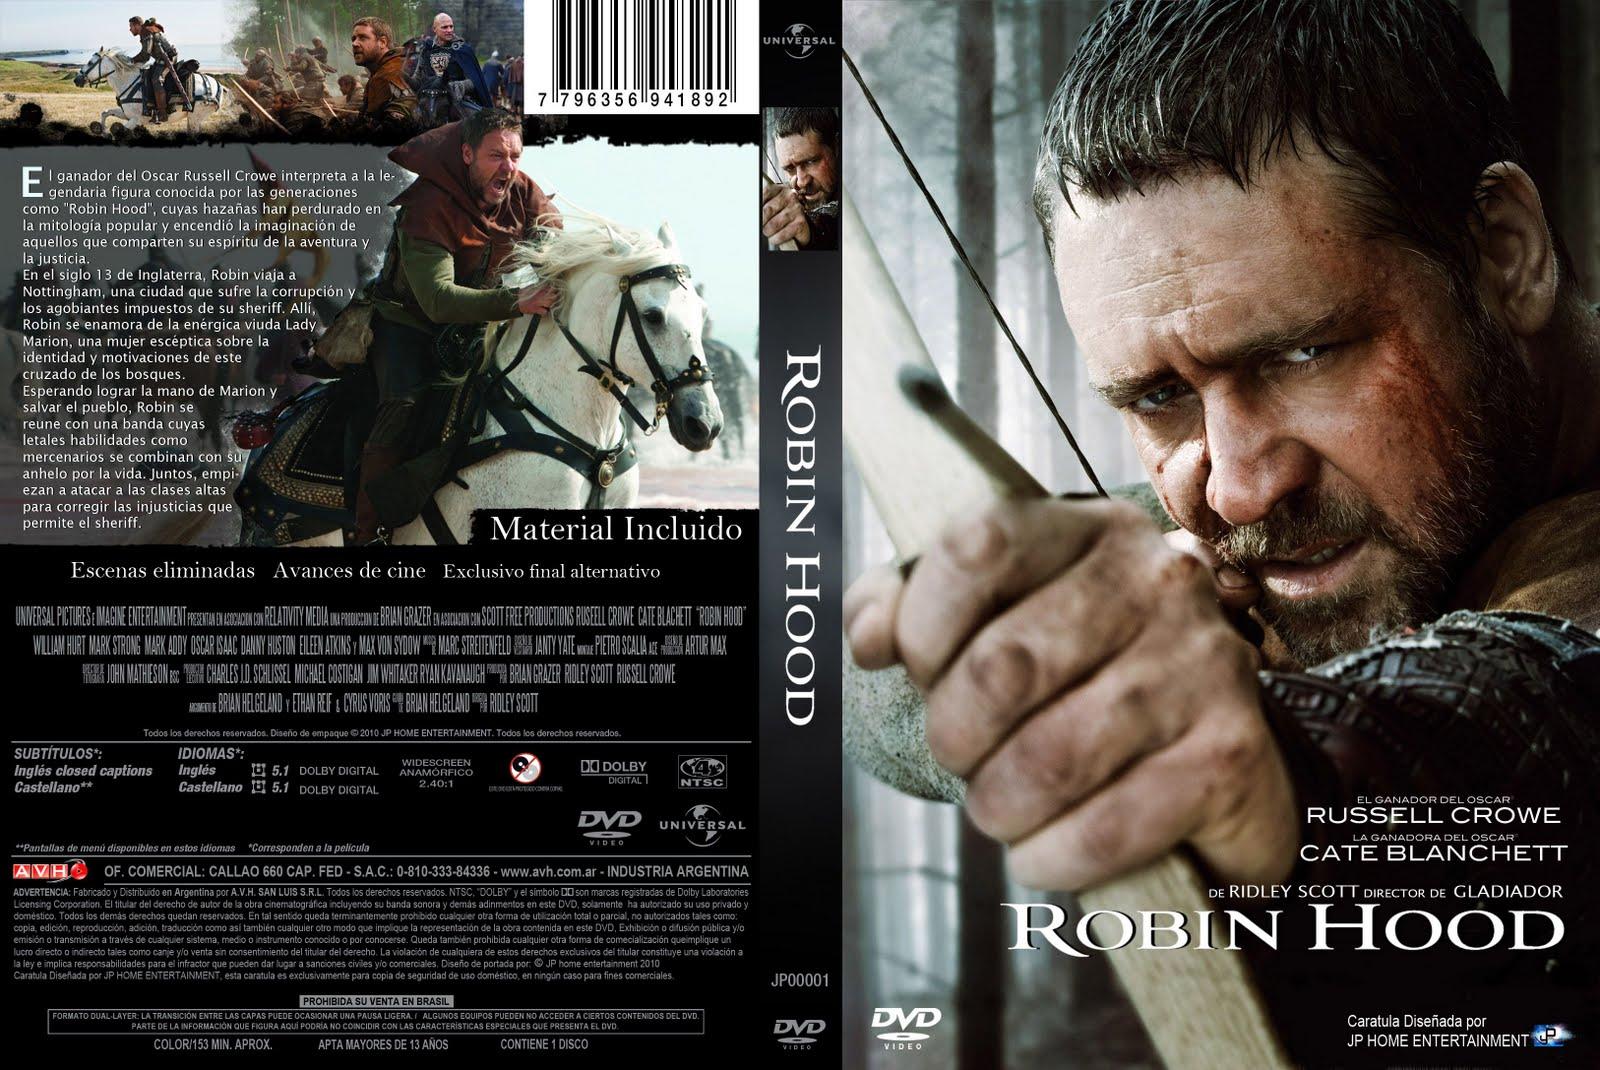 http://1.bp.blogspot.com/_iWpl-qL1Uyo/TMUuWRRMT7I/AAAAAAAAFUk/RerLHYdcl-U/s1600/Robin_Hood_-_2010_-_Custom_-_V4.jpg